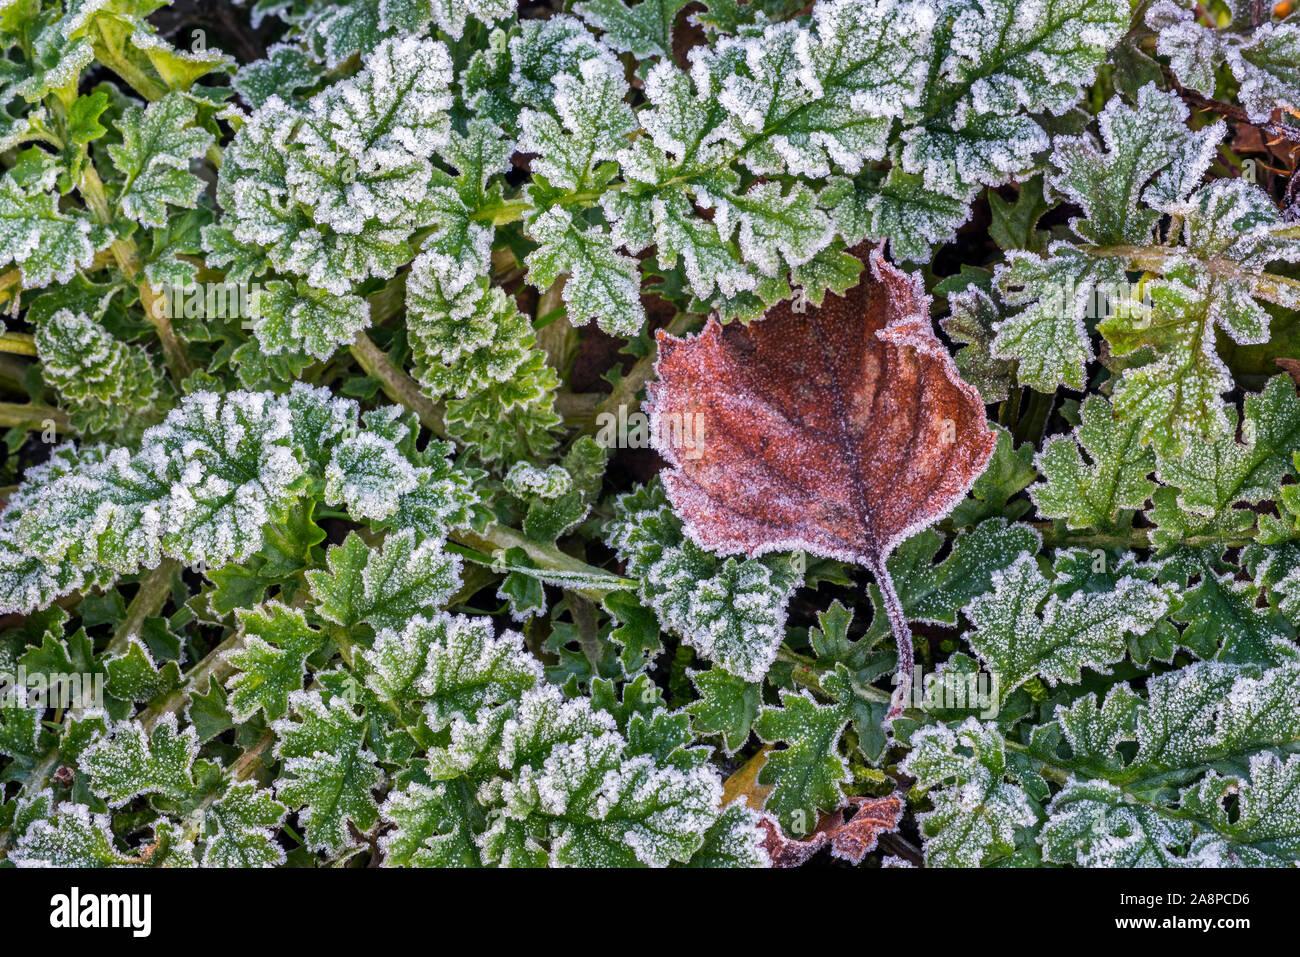 Caído plata abedul (Betula pendula) hoja en el suelo del bosque entre hojas verdes cubiertos de hoar frost / escarcha en otoño / otoño Foto de stock